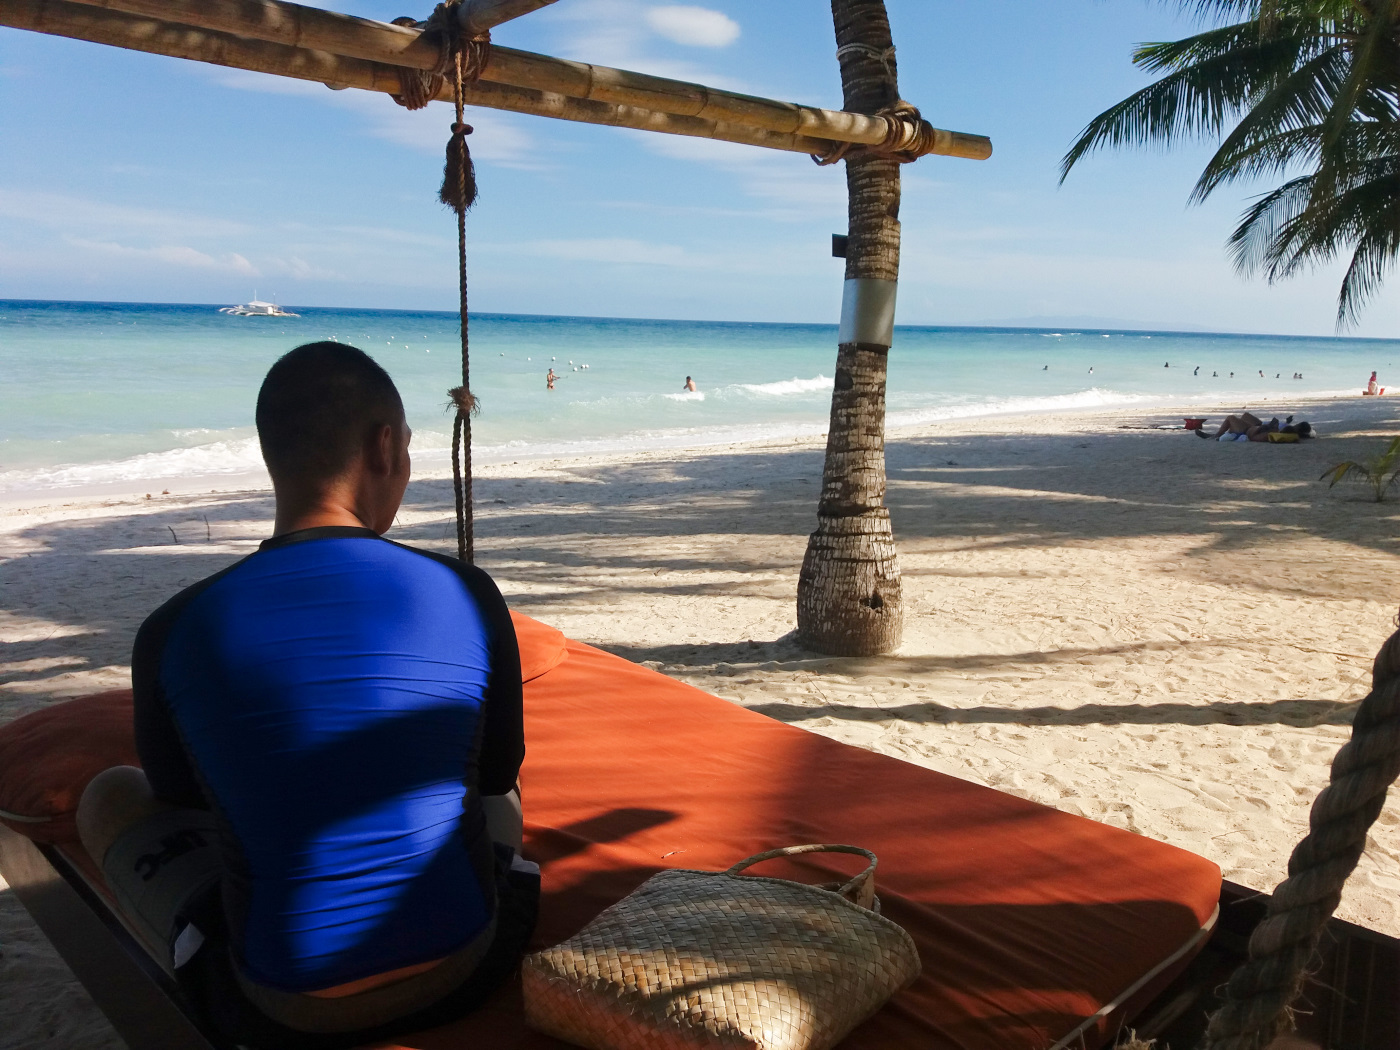 サウスパームホテルのビーチにあるベッドに座る男性